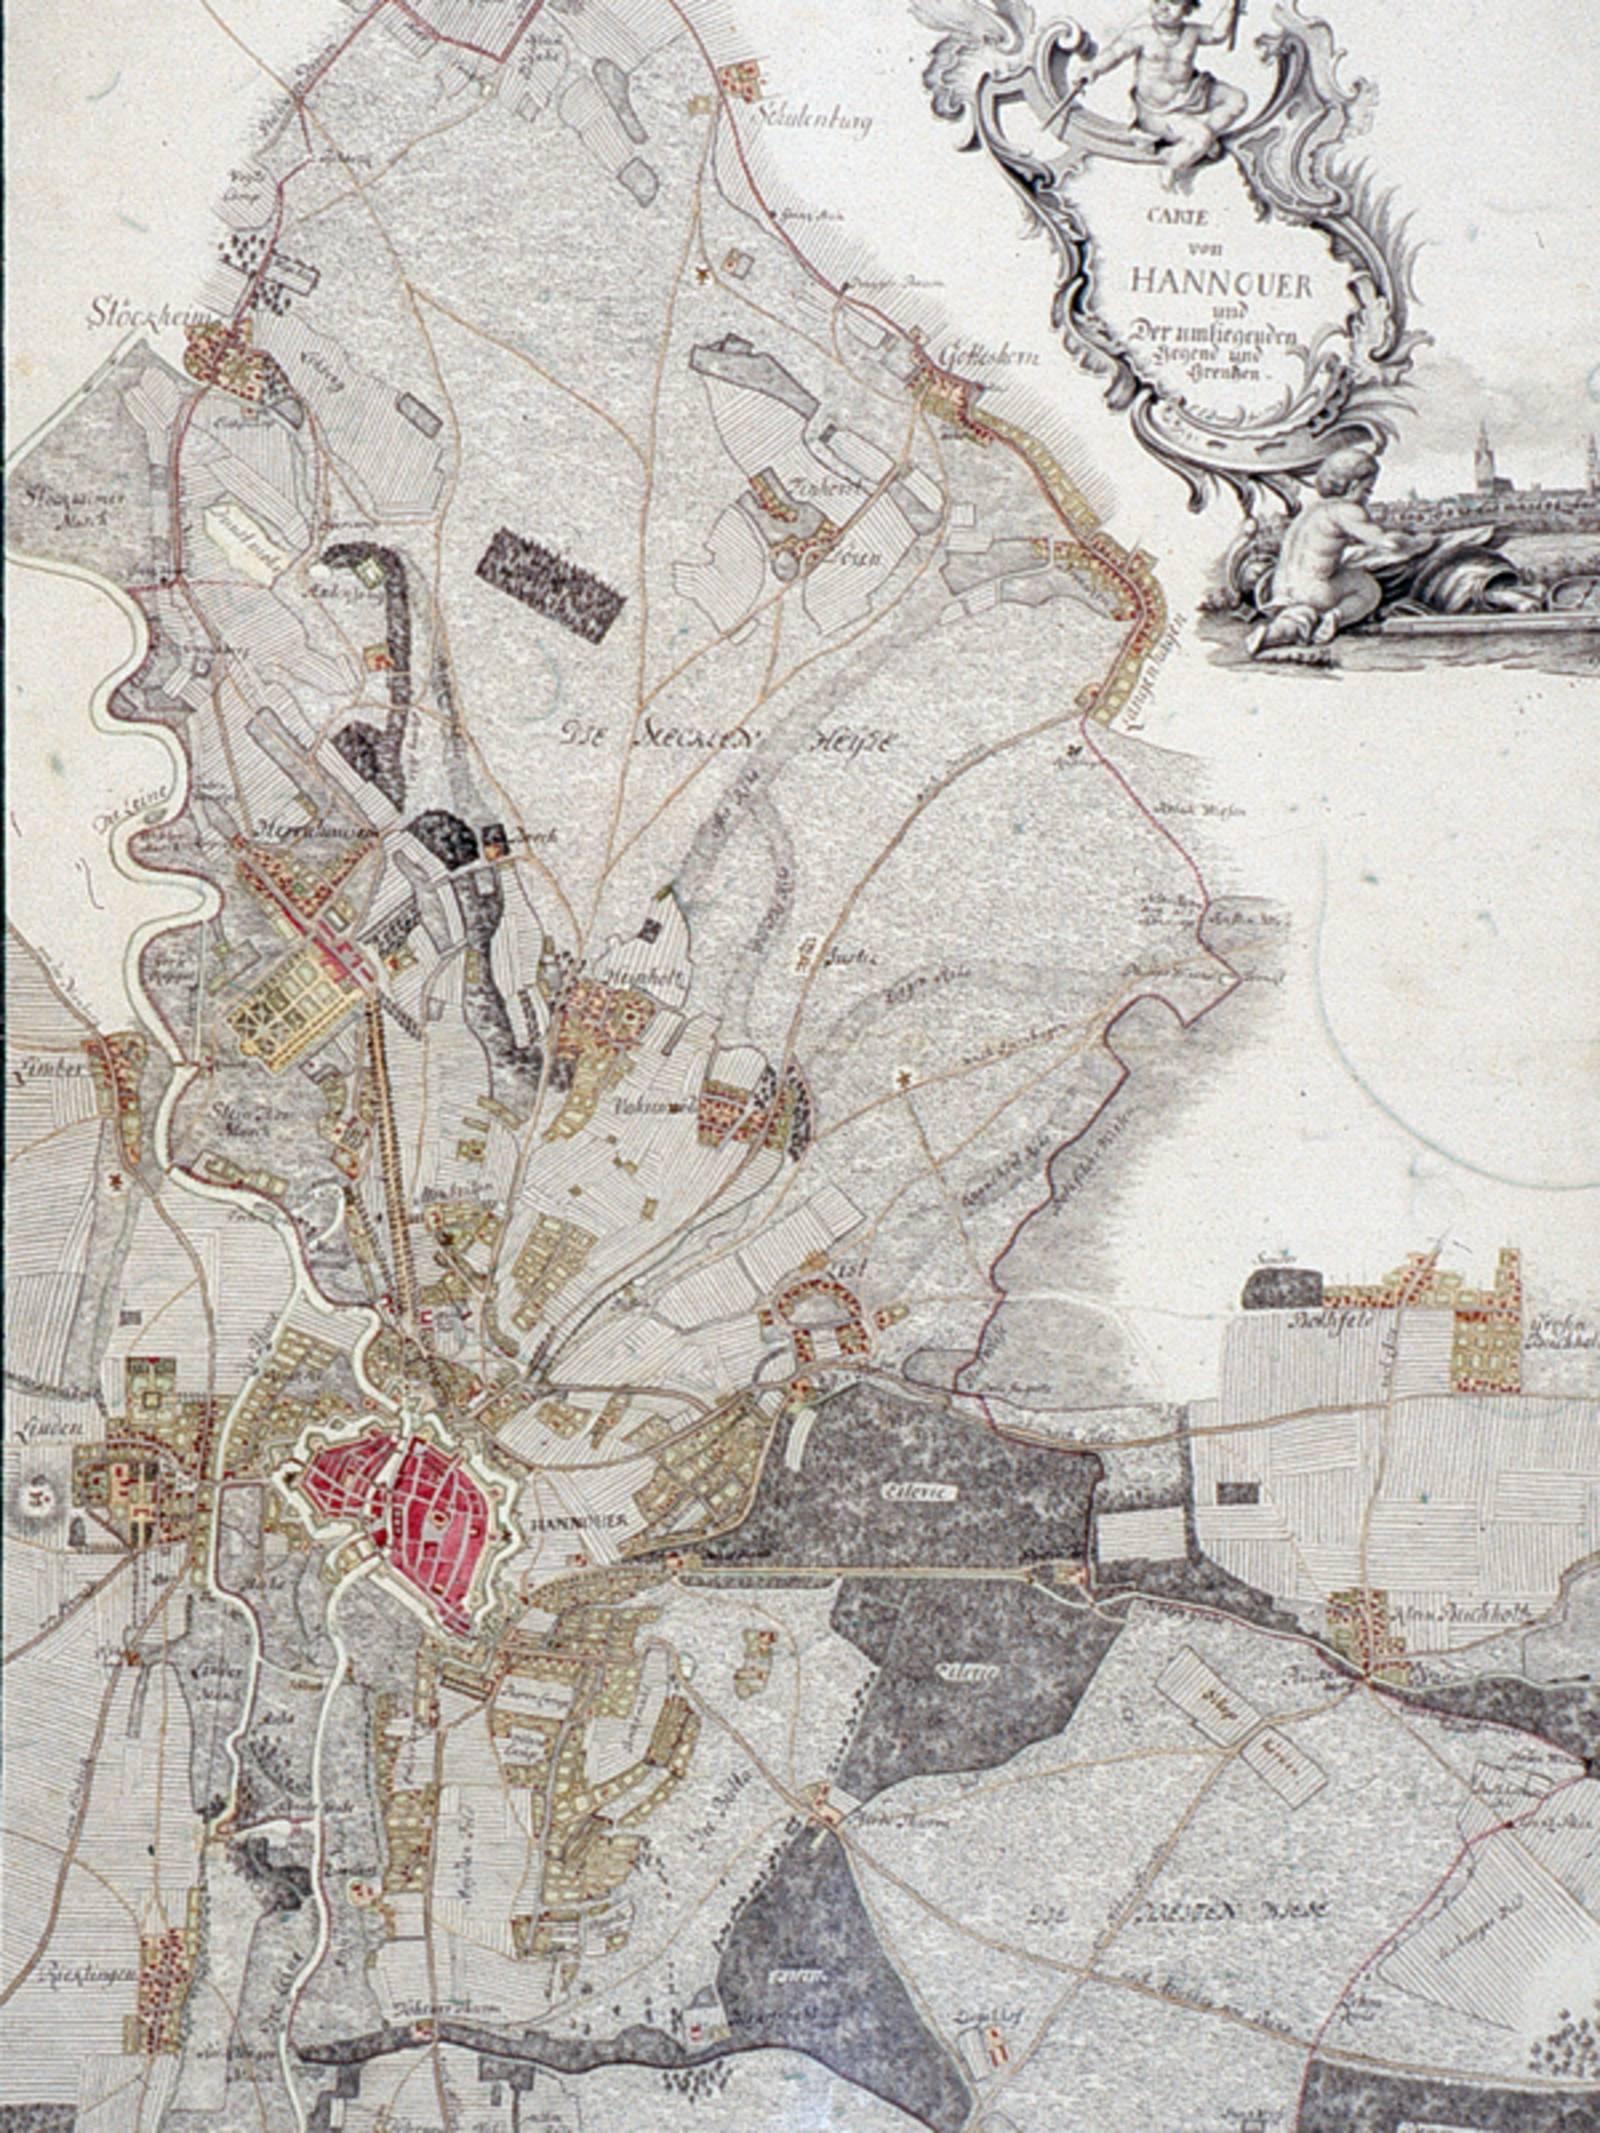 Ausschnitt aus einer alten Karte von Hannover und Umland